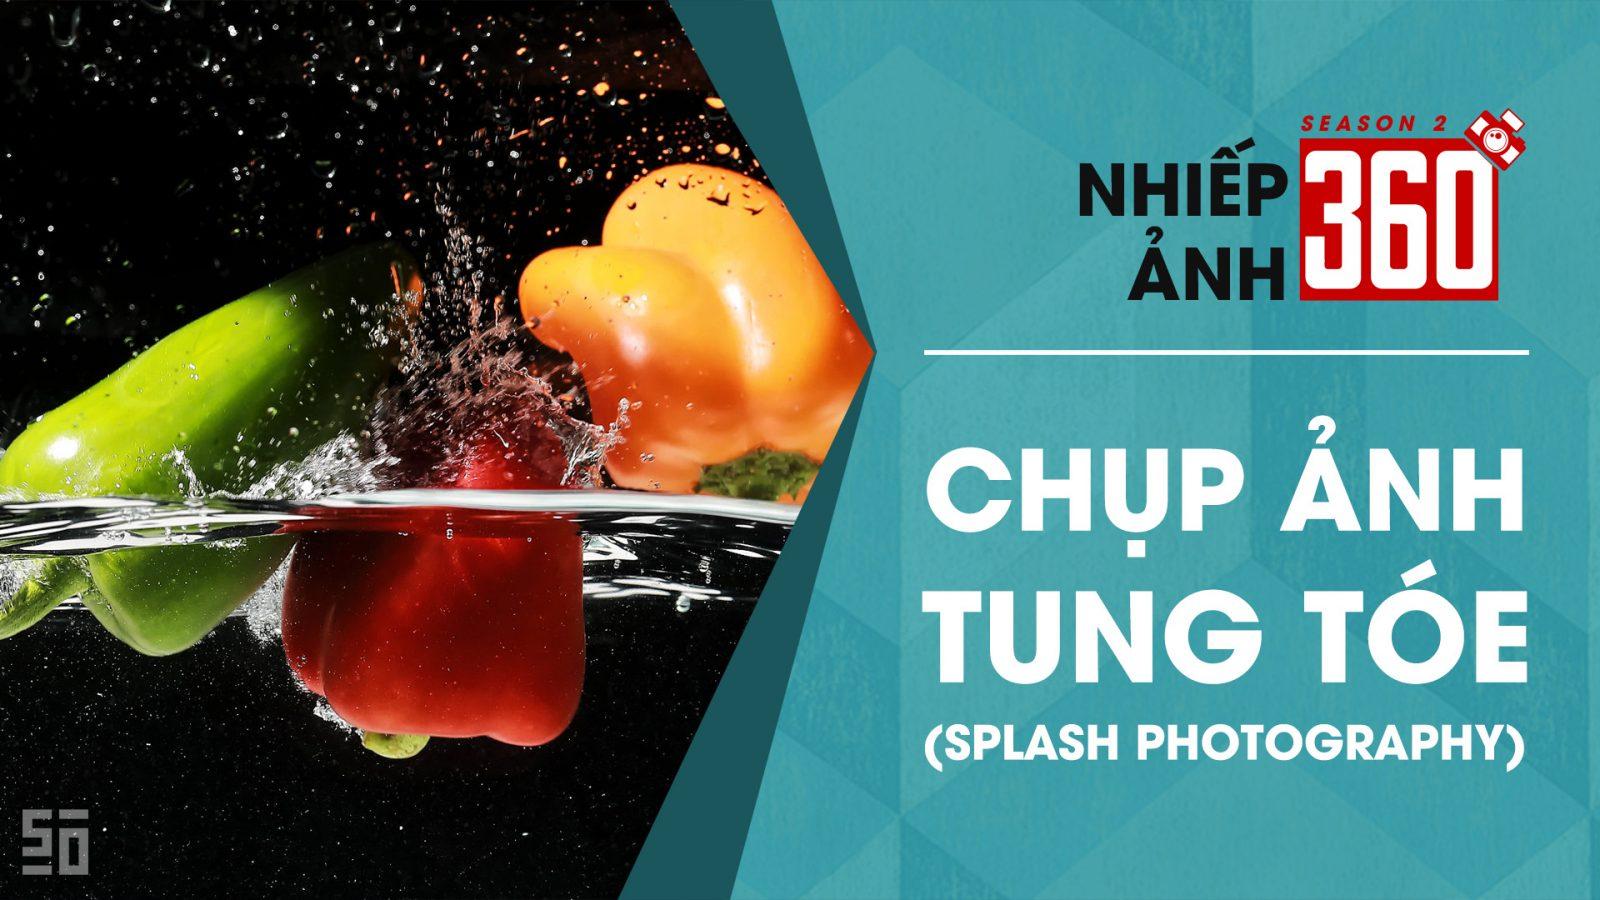 Nhiếp Ảnh 360 | Mùa 2 | Tập 8: Chụp ảnh tung tóe! (Splash Photography)